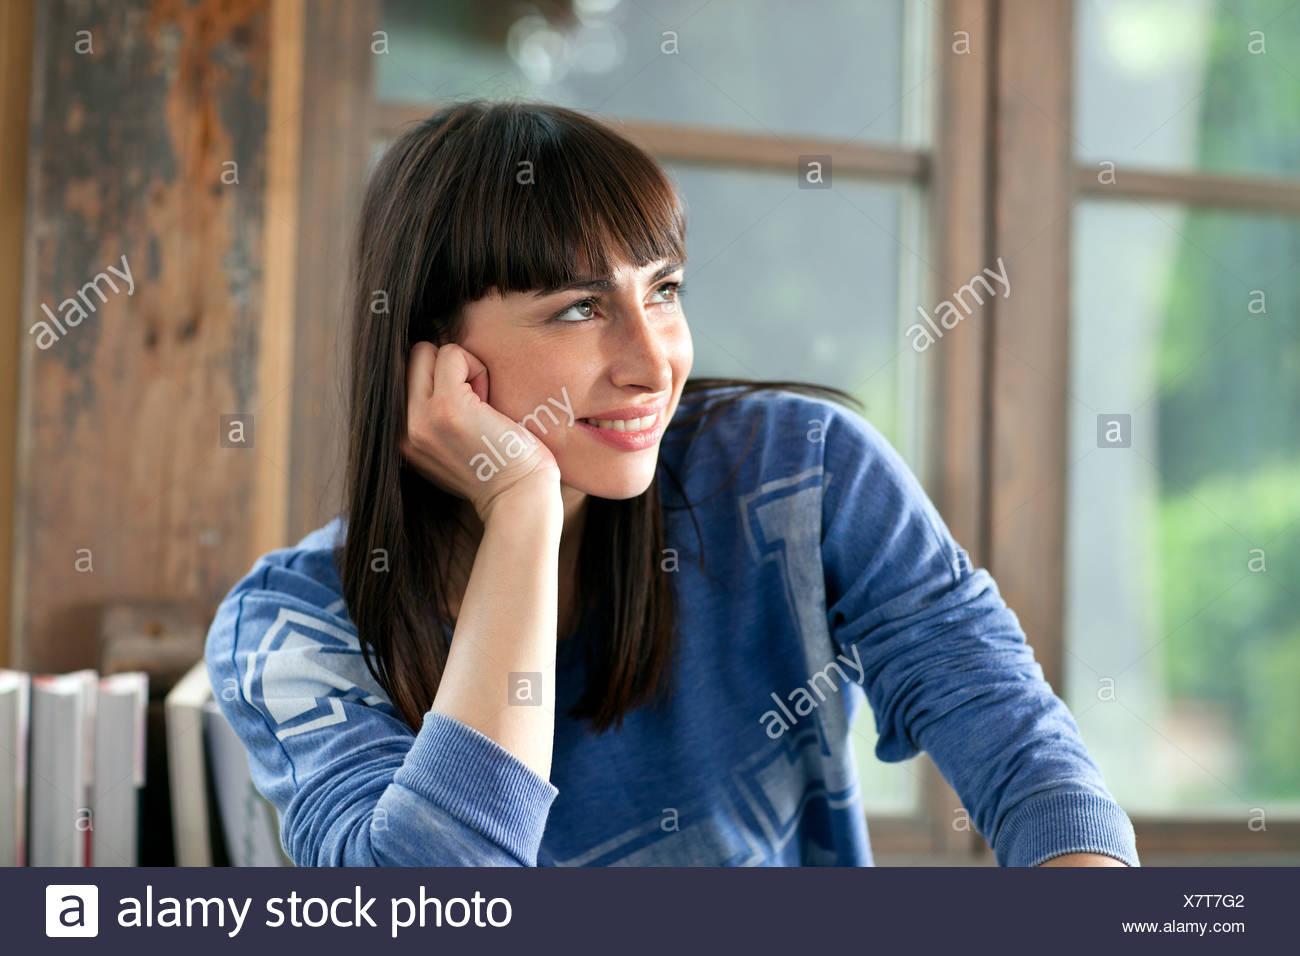 Porträt von Brünette Frau lächelnd mit Hand am Kinn Stockfoto